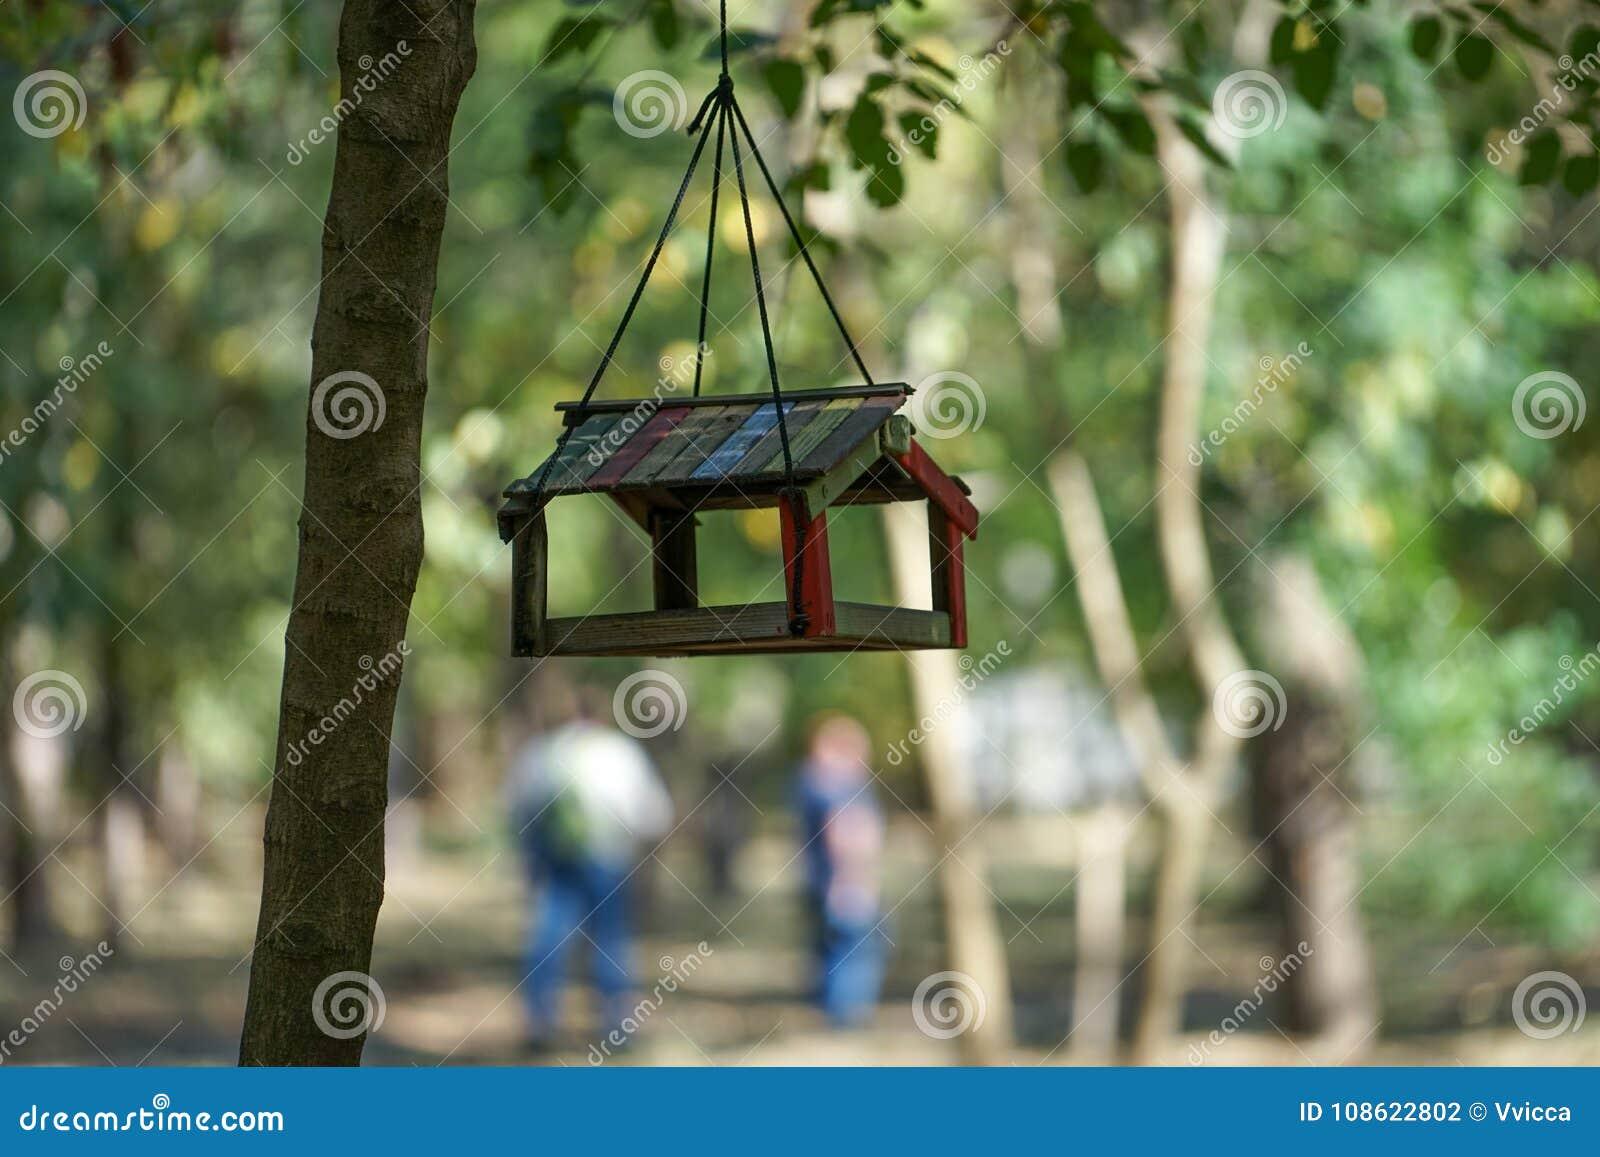 Alimentador do pássaro que pendura no parque do outono entre as árvores no fundo borrado no dia morno do outono